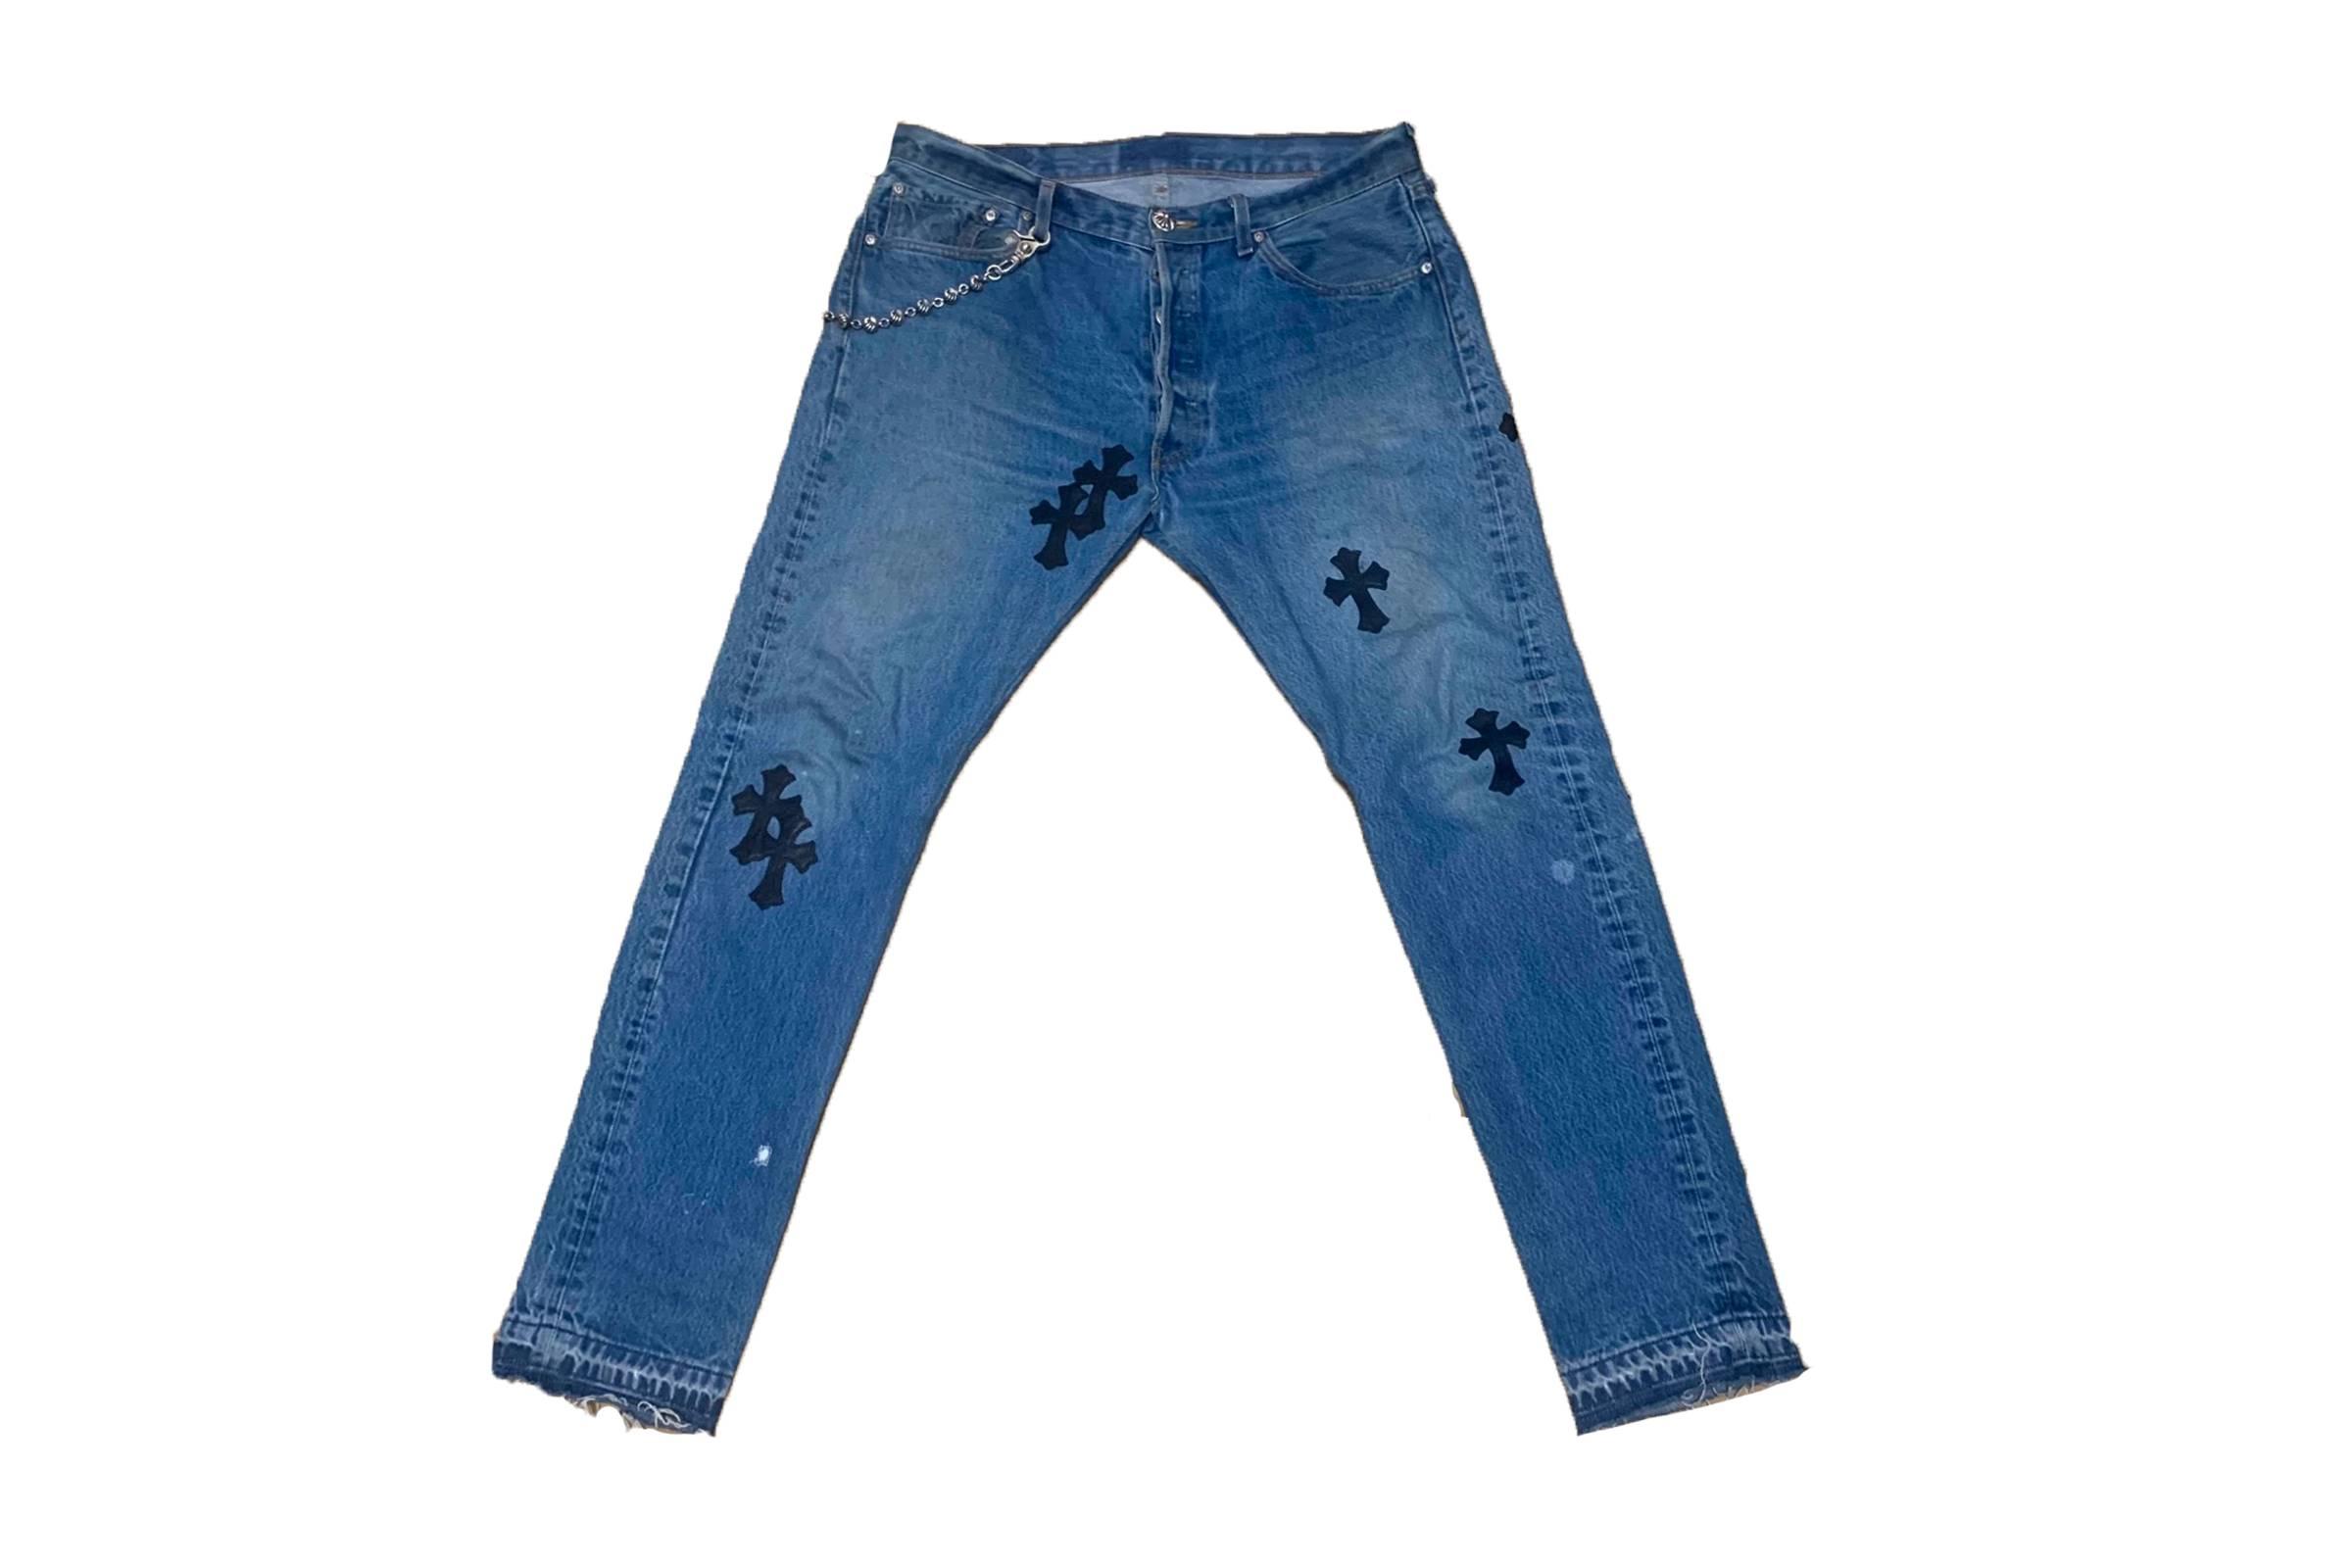 Chrome Hearts Leather Appliqué Jeans